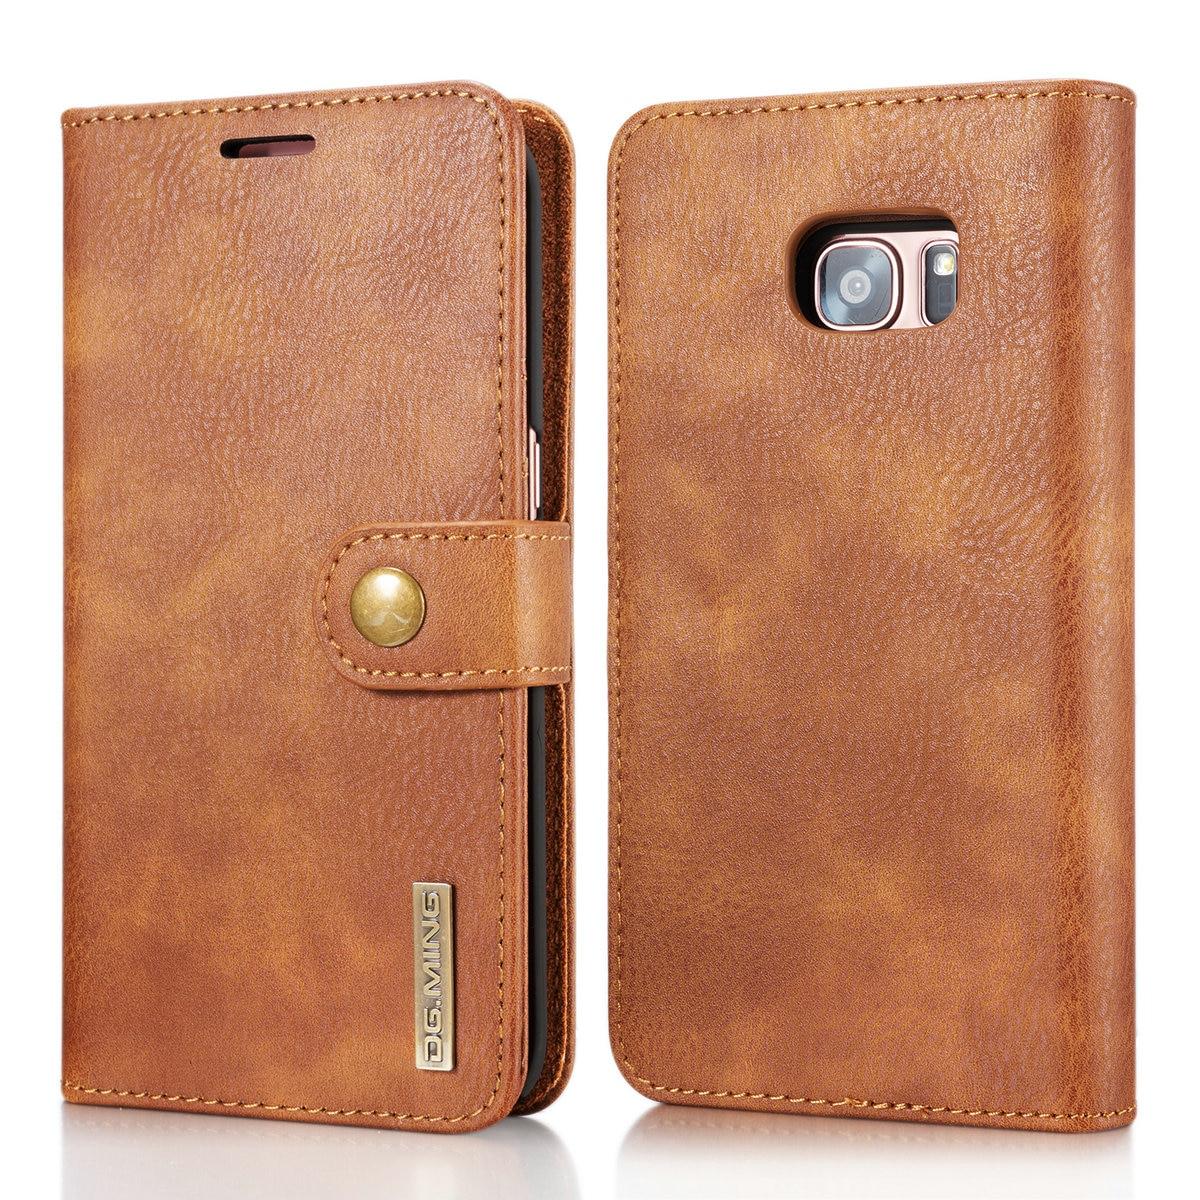 DG. ming Пояса из натуральной кожи чехол для Samsung Galaxy S7/S7 Edge флип Магнитная крышка бумажник телефон сумка 2 в 1 съемная телефон Коке